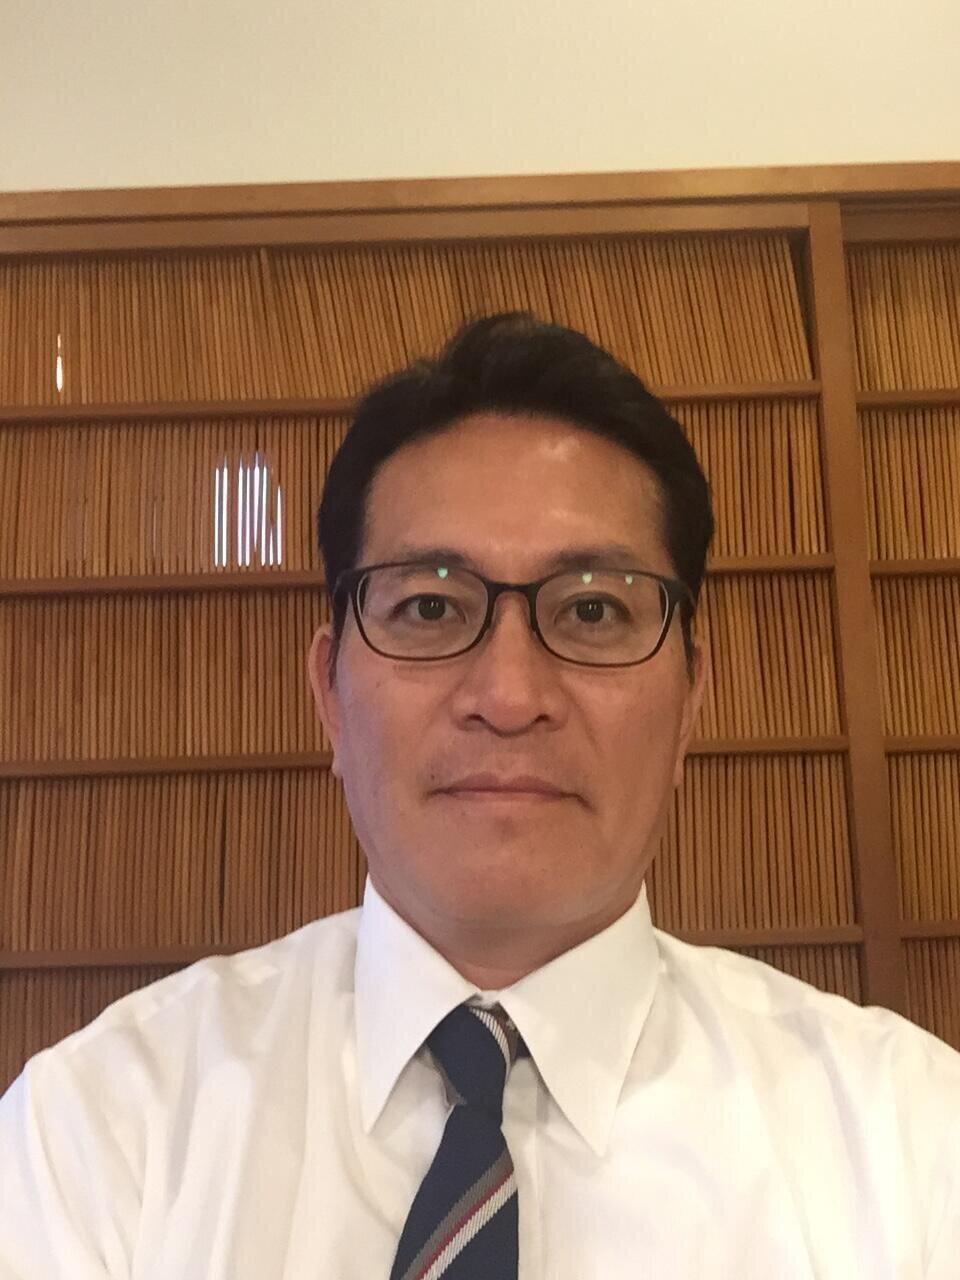 関西ペイント販売の建築塗料販売本部、岩崎浩行副本部長